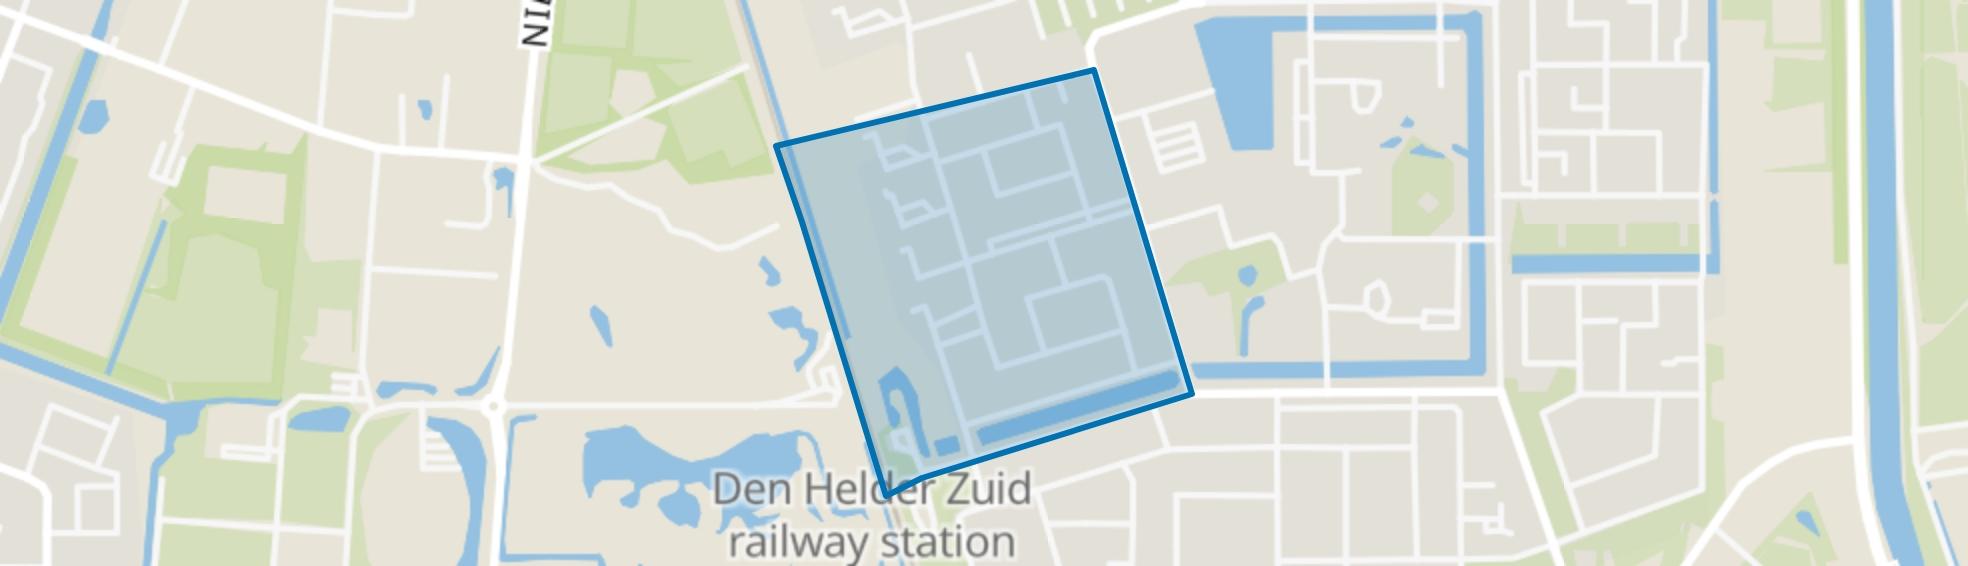 Boerderijbuurt, Den Helder map